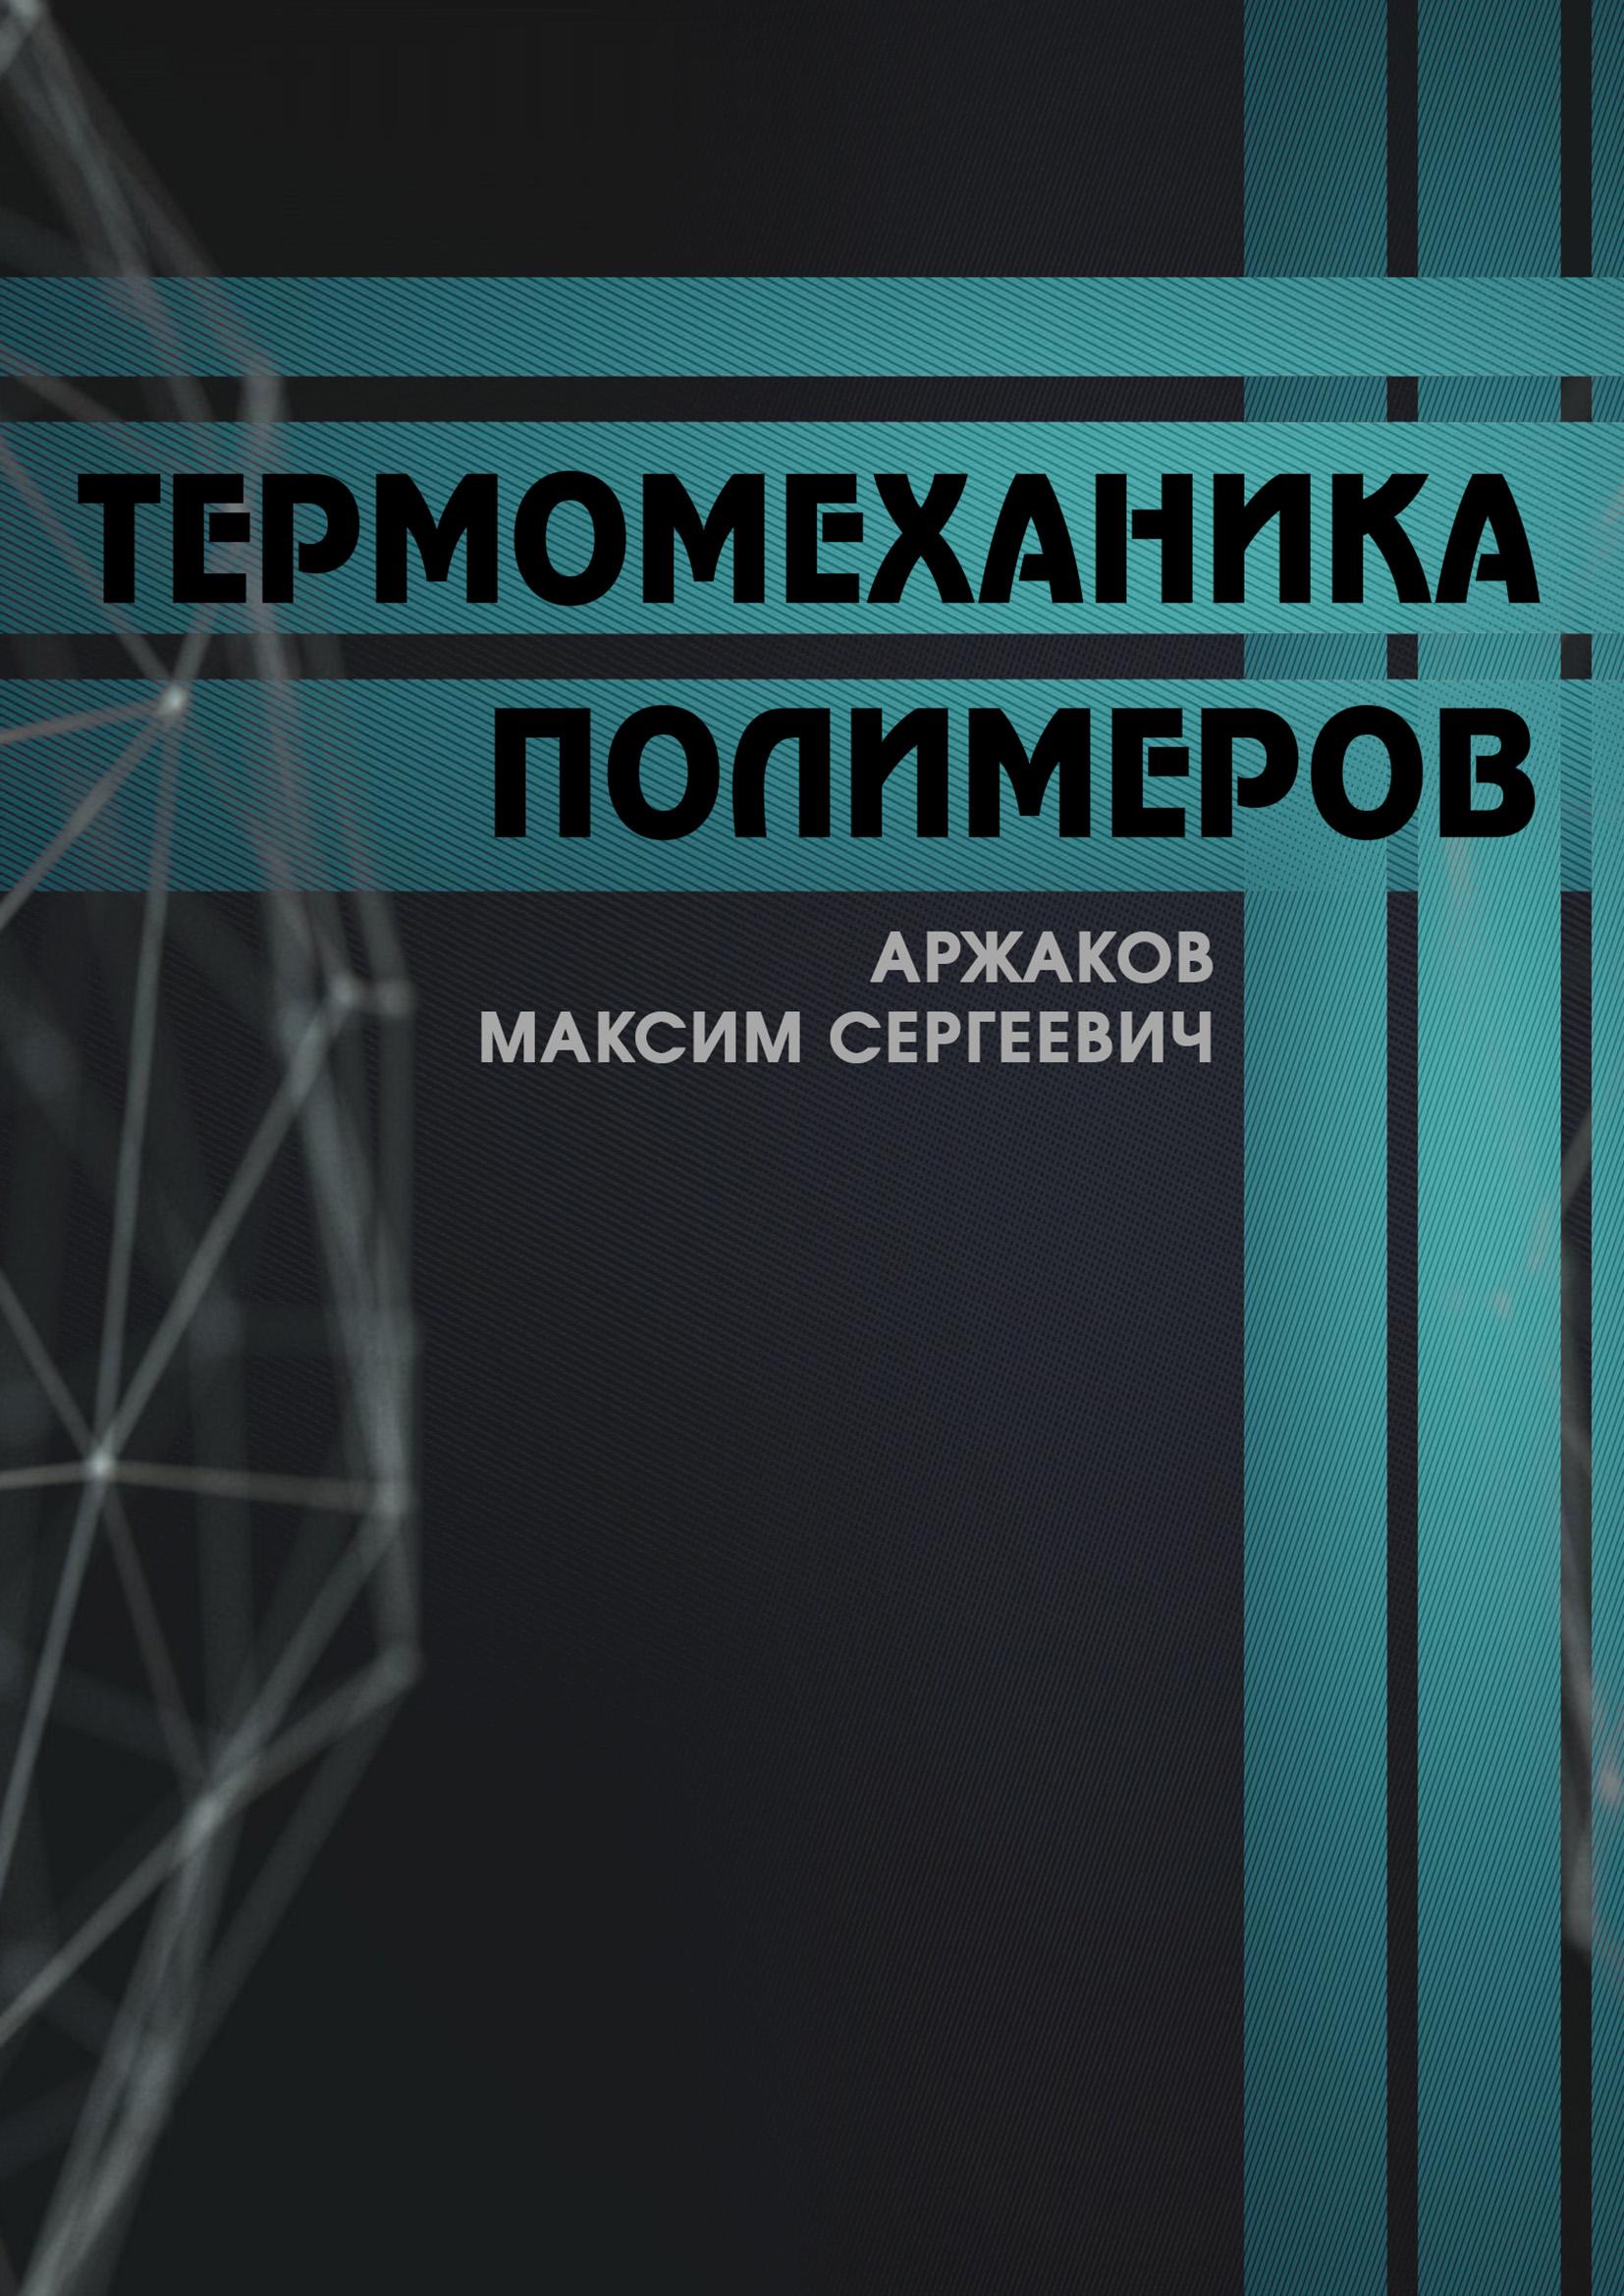 Купить книгу Термомеханика полимеров, автора М. С. Аржакова